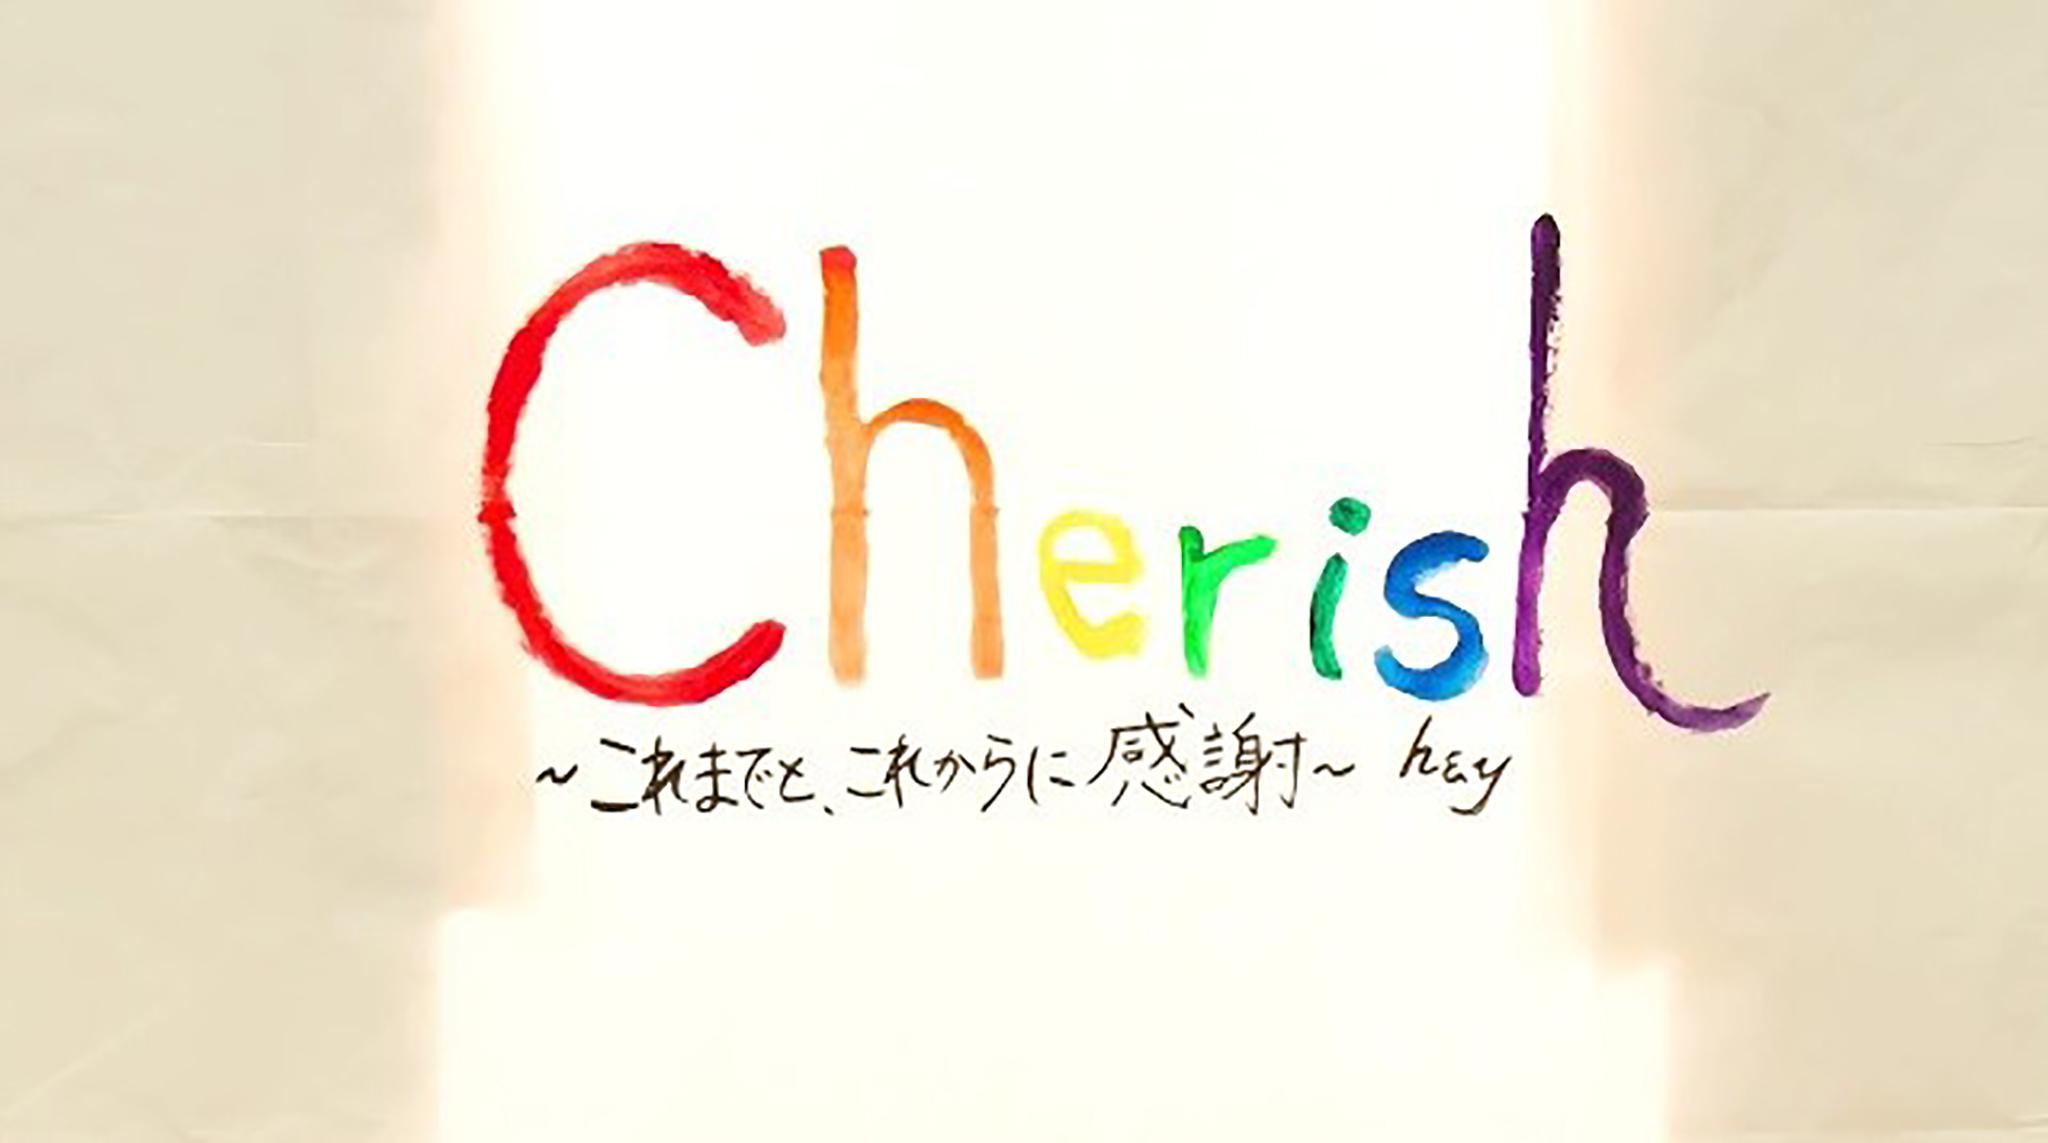 【Cherish~これまでとこれからに感謝~】4つの想いを込めた結婚式